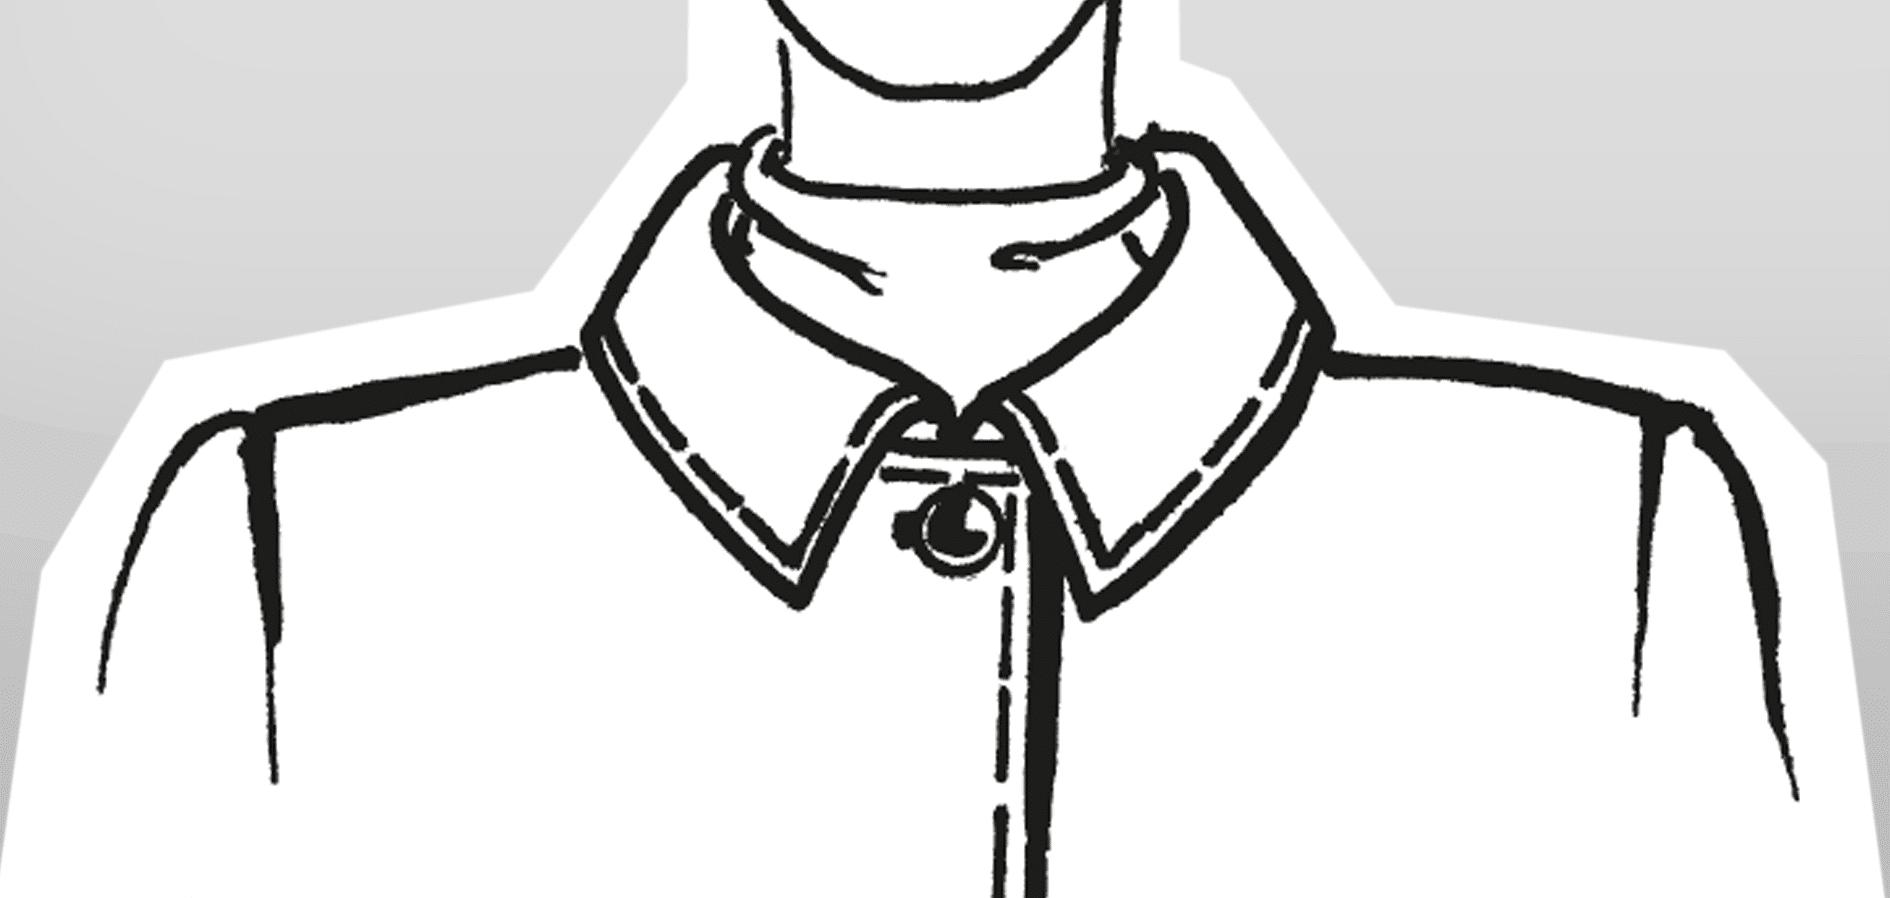 Zu sehen ist die technische Zeichnung eines Liegekragens mit eingesetztem Steg.